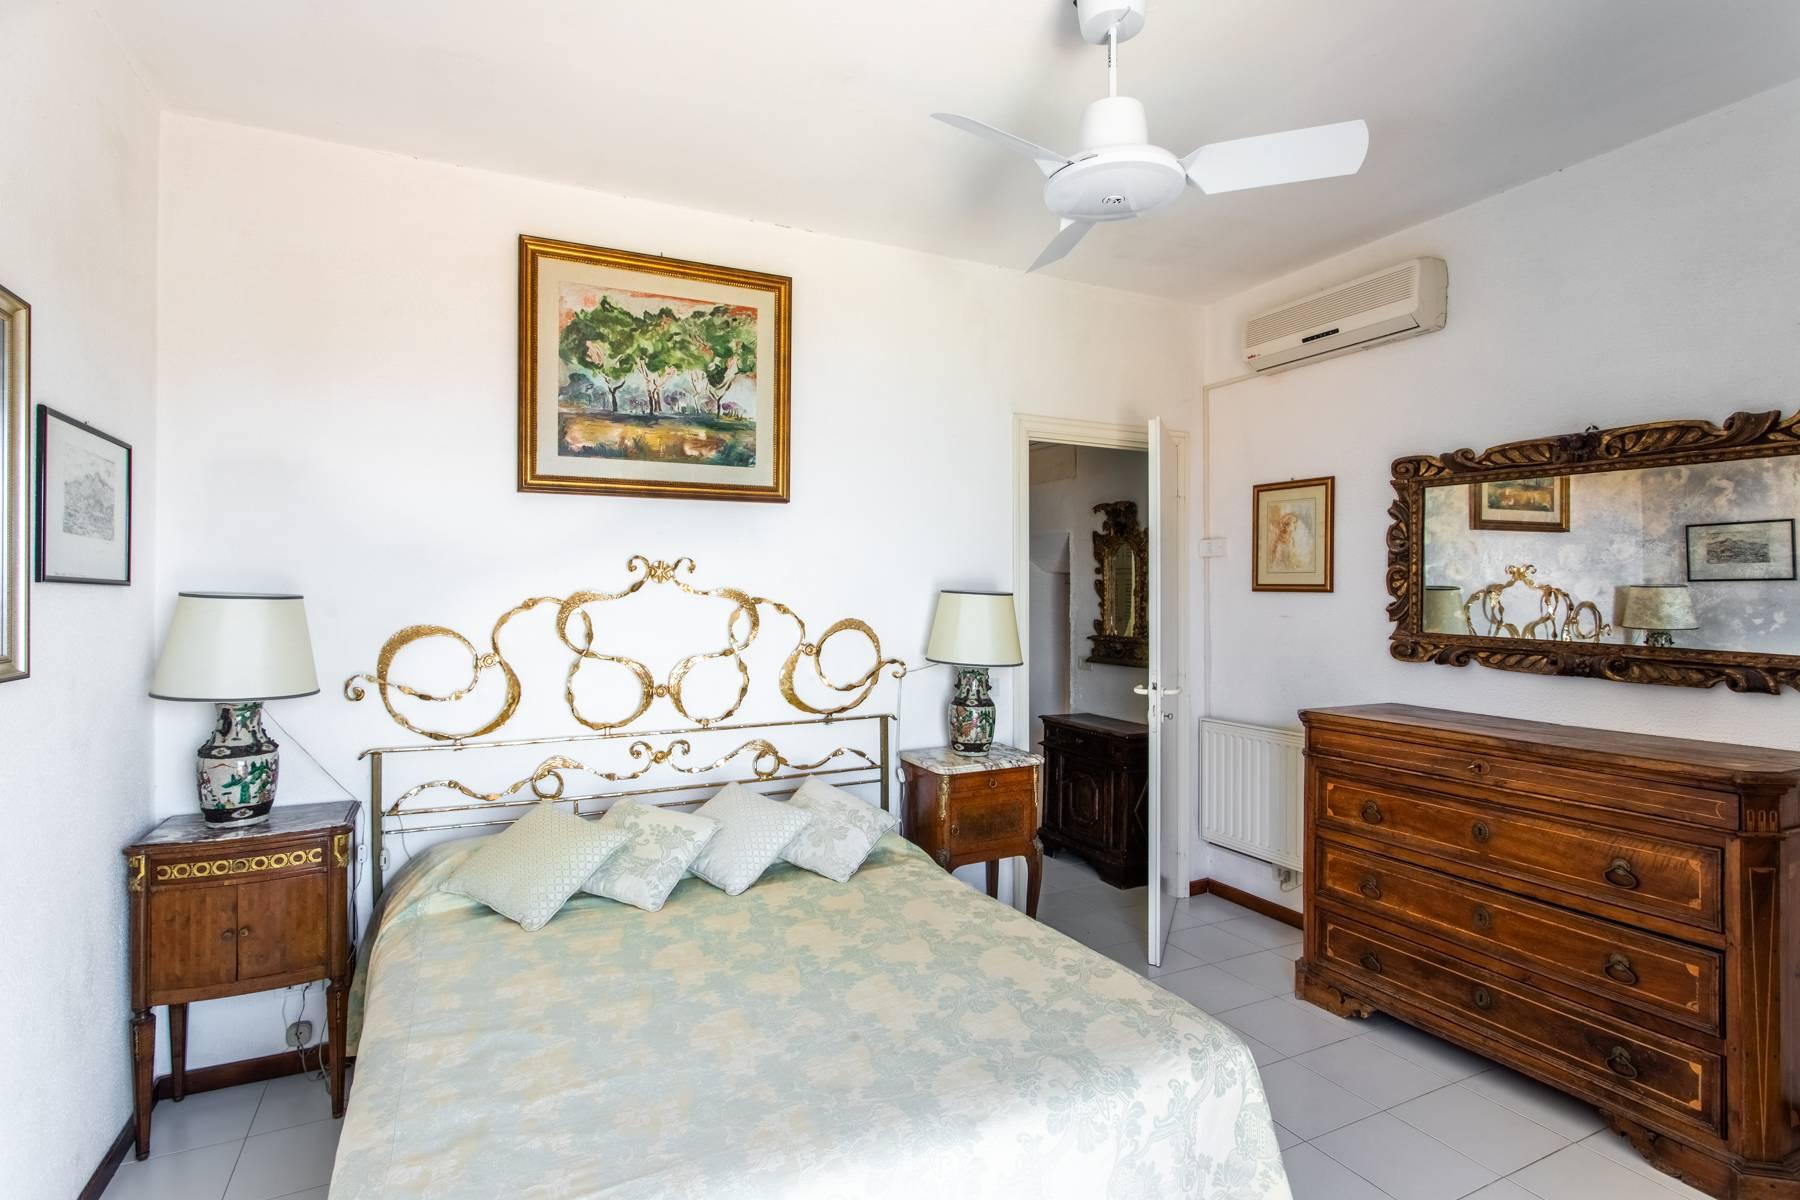 Casa indipendente in Vendita a Monte Argentario: 5 locali, 200 mq - Foto 26